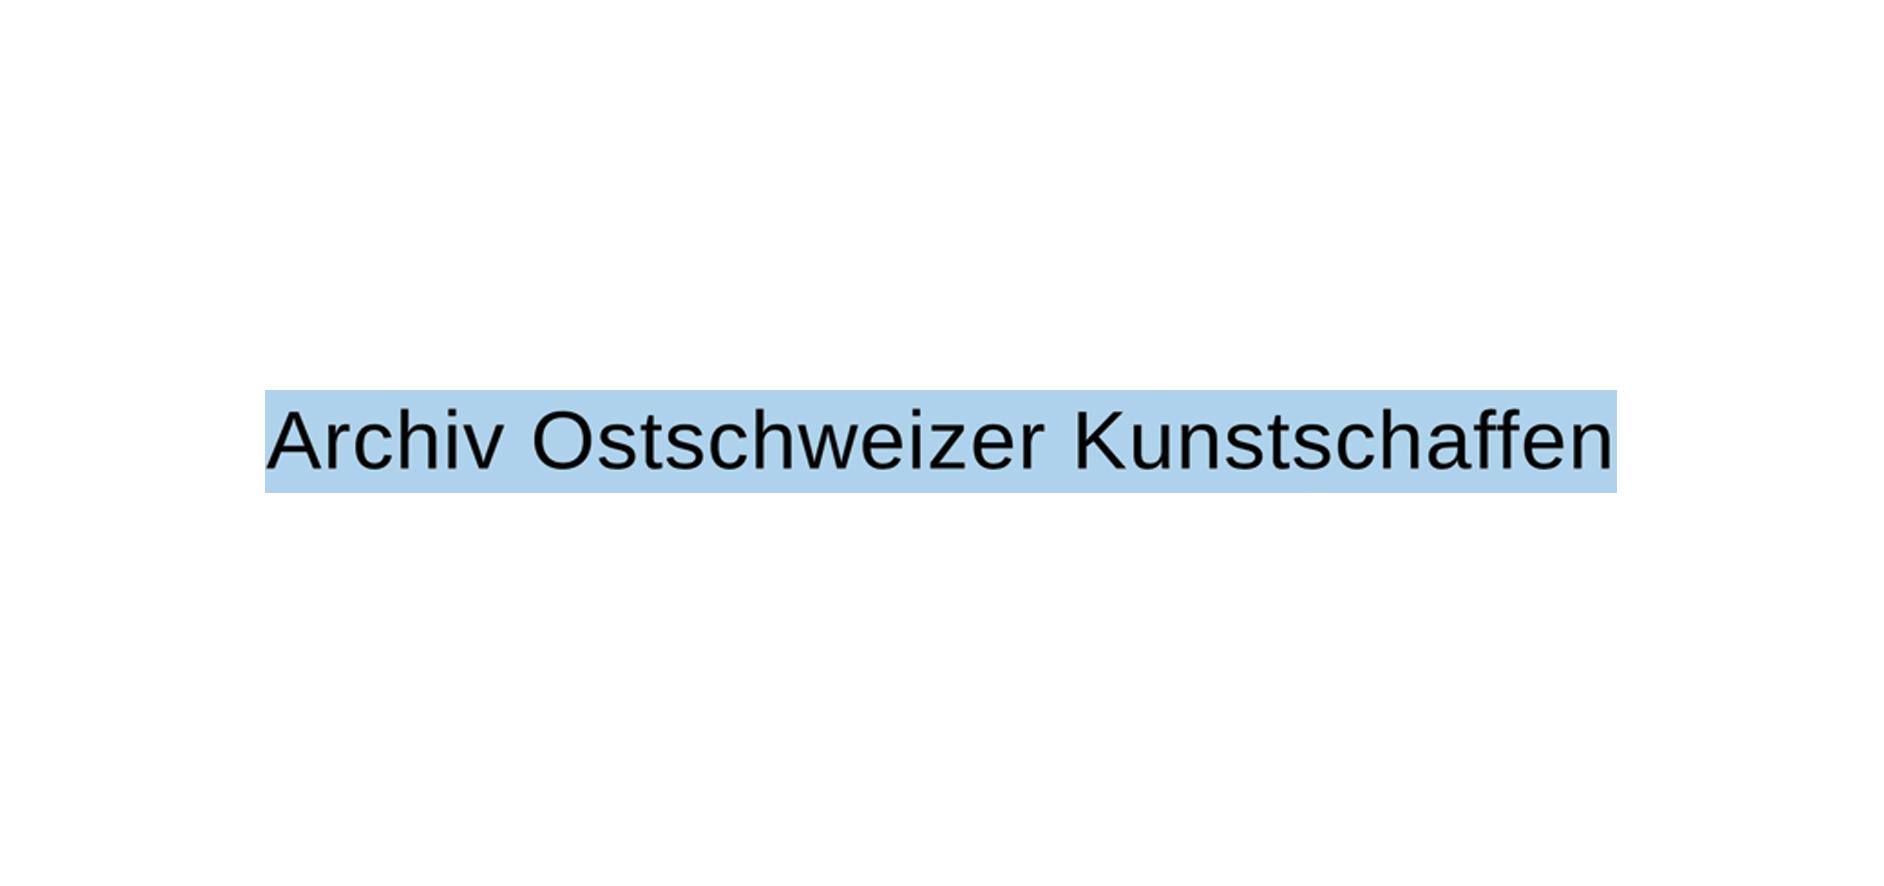 Archiv Ostschweizer Kunstschaffen